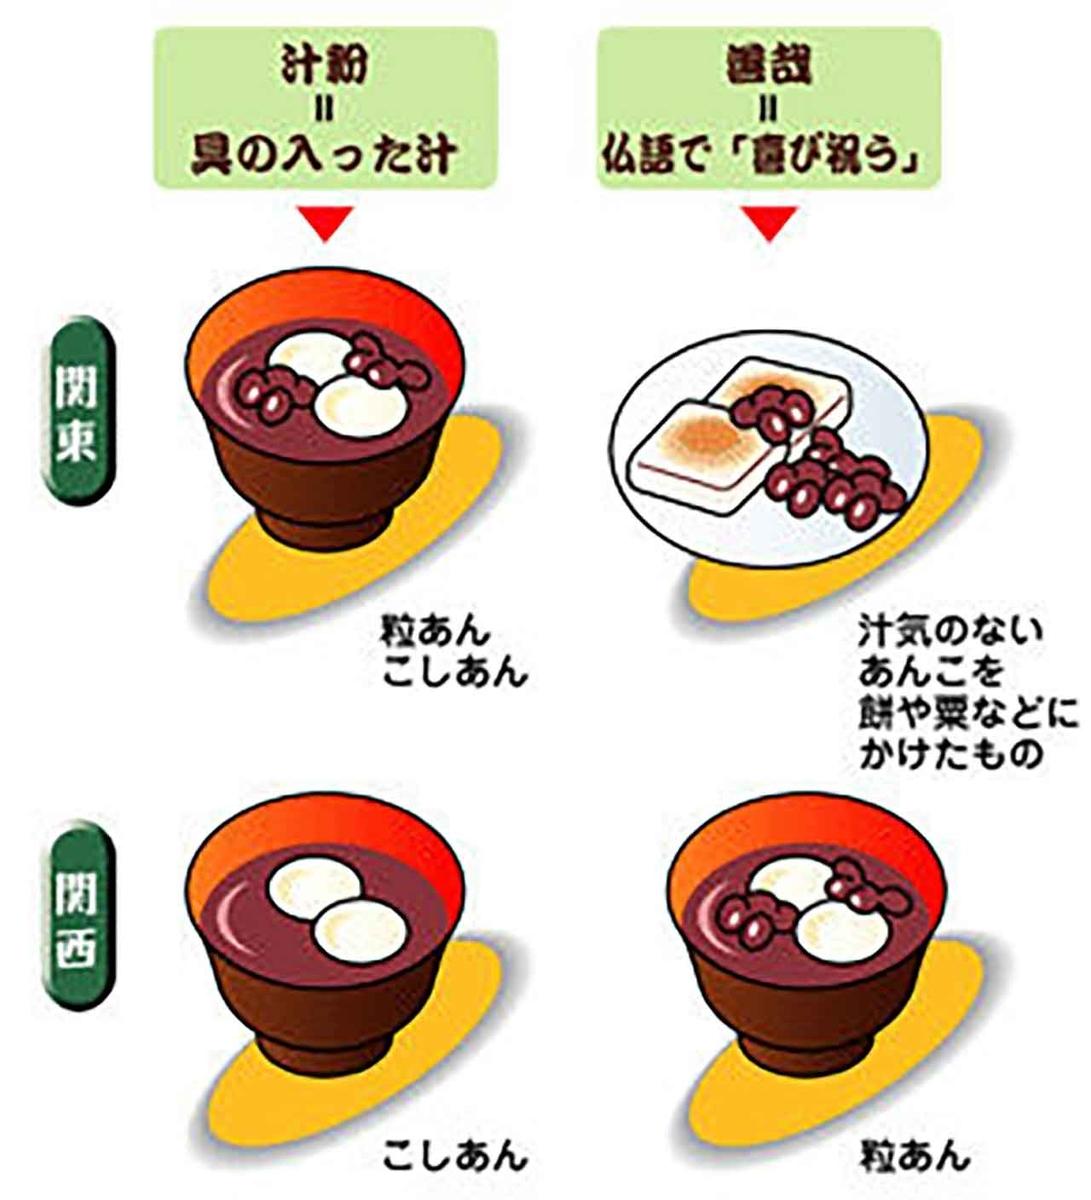 f:id:kozonoayumi2018:20200127112755j:plain